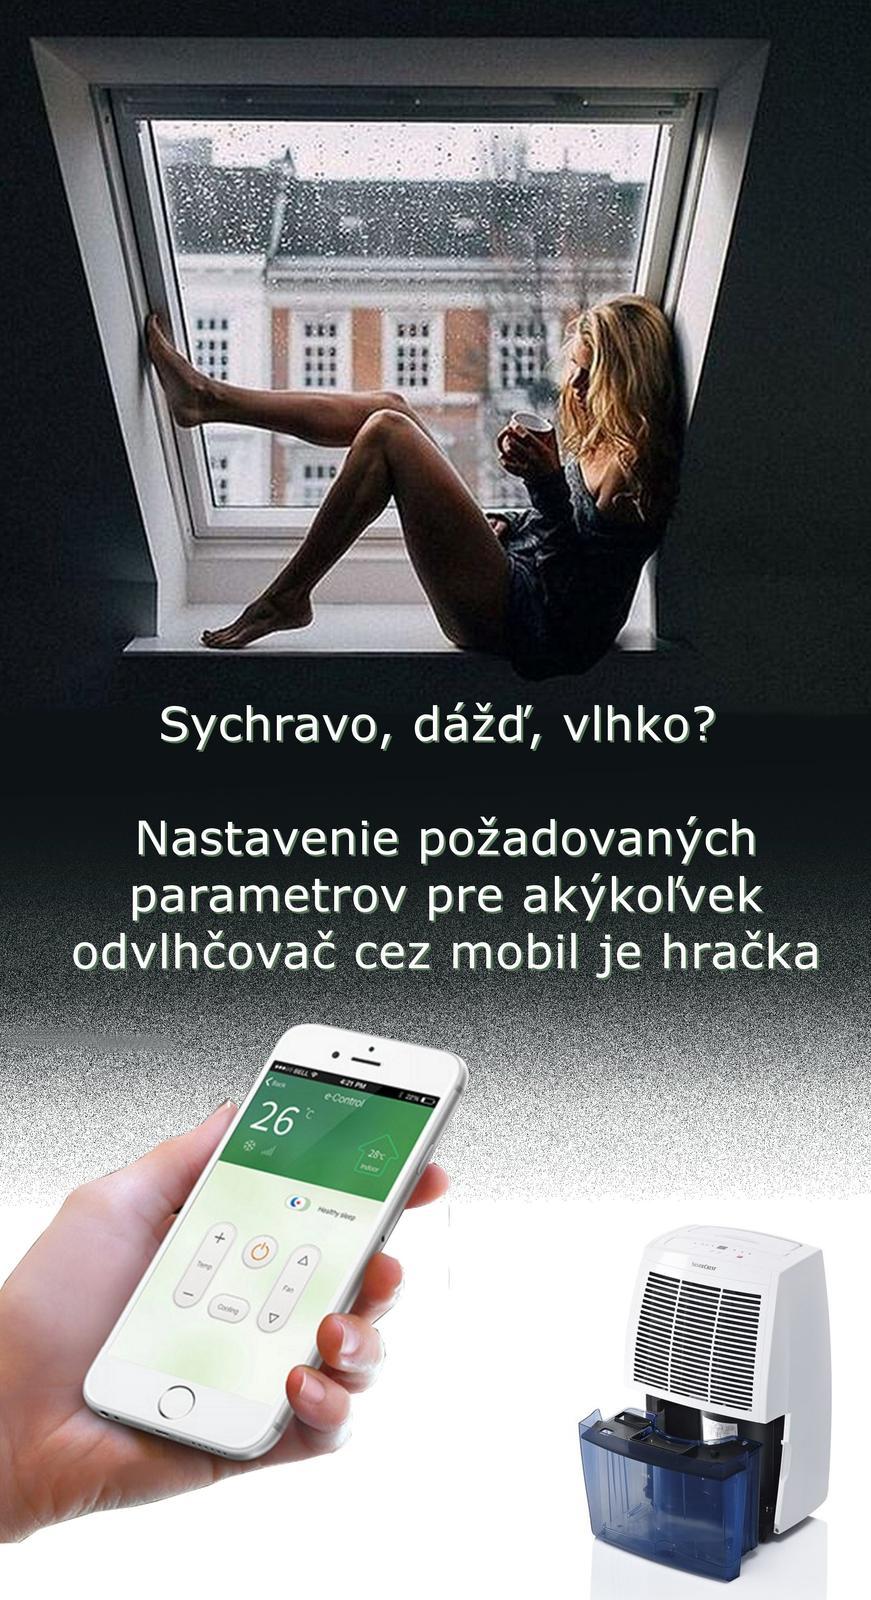 smartcomfort - Máte napríklad odvhlčovač z Lidla?